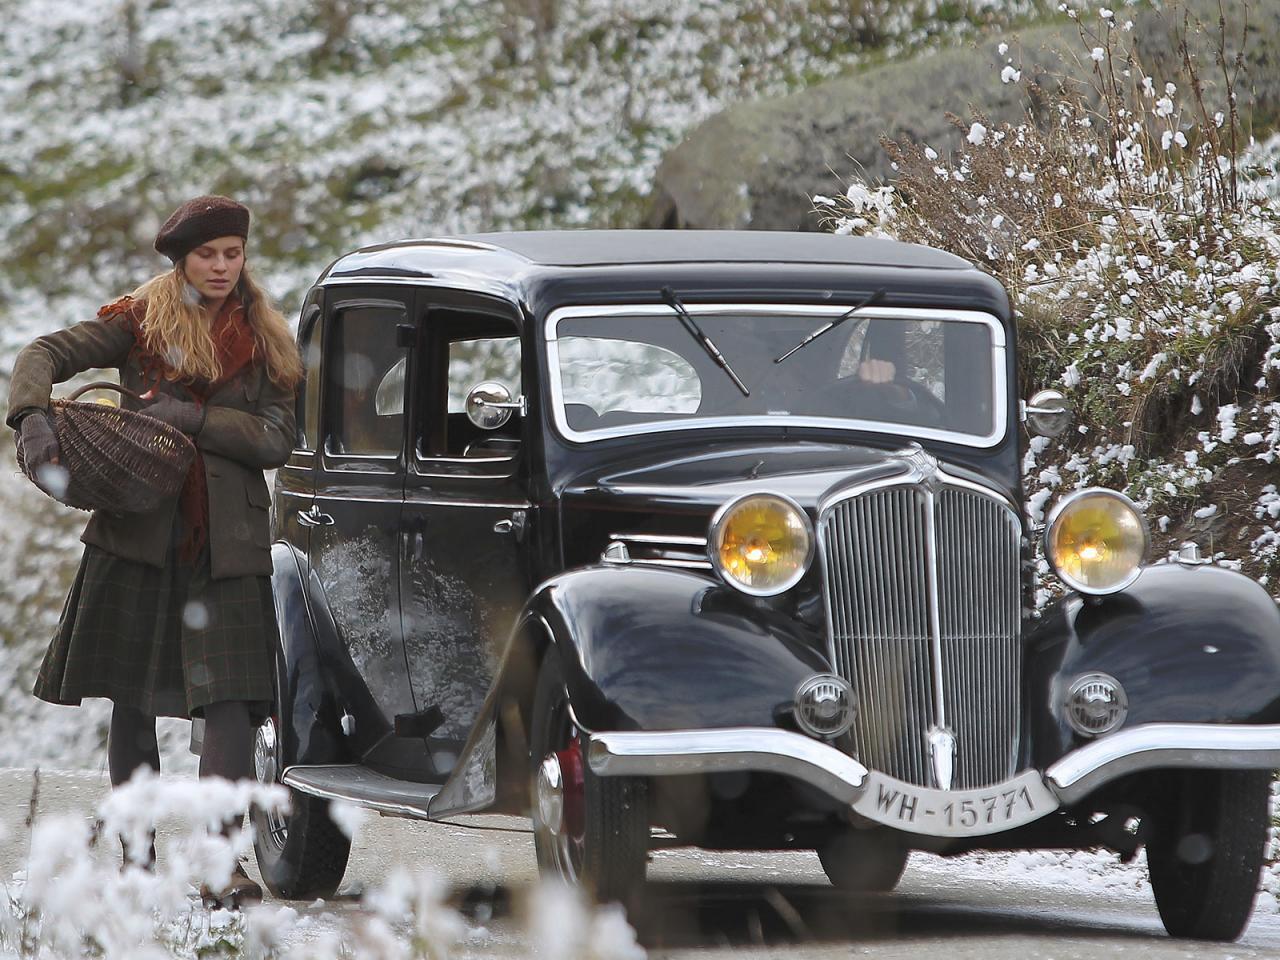 Le voiture du lieutenant arrive près d'elle